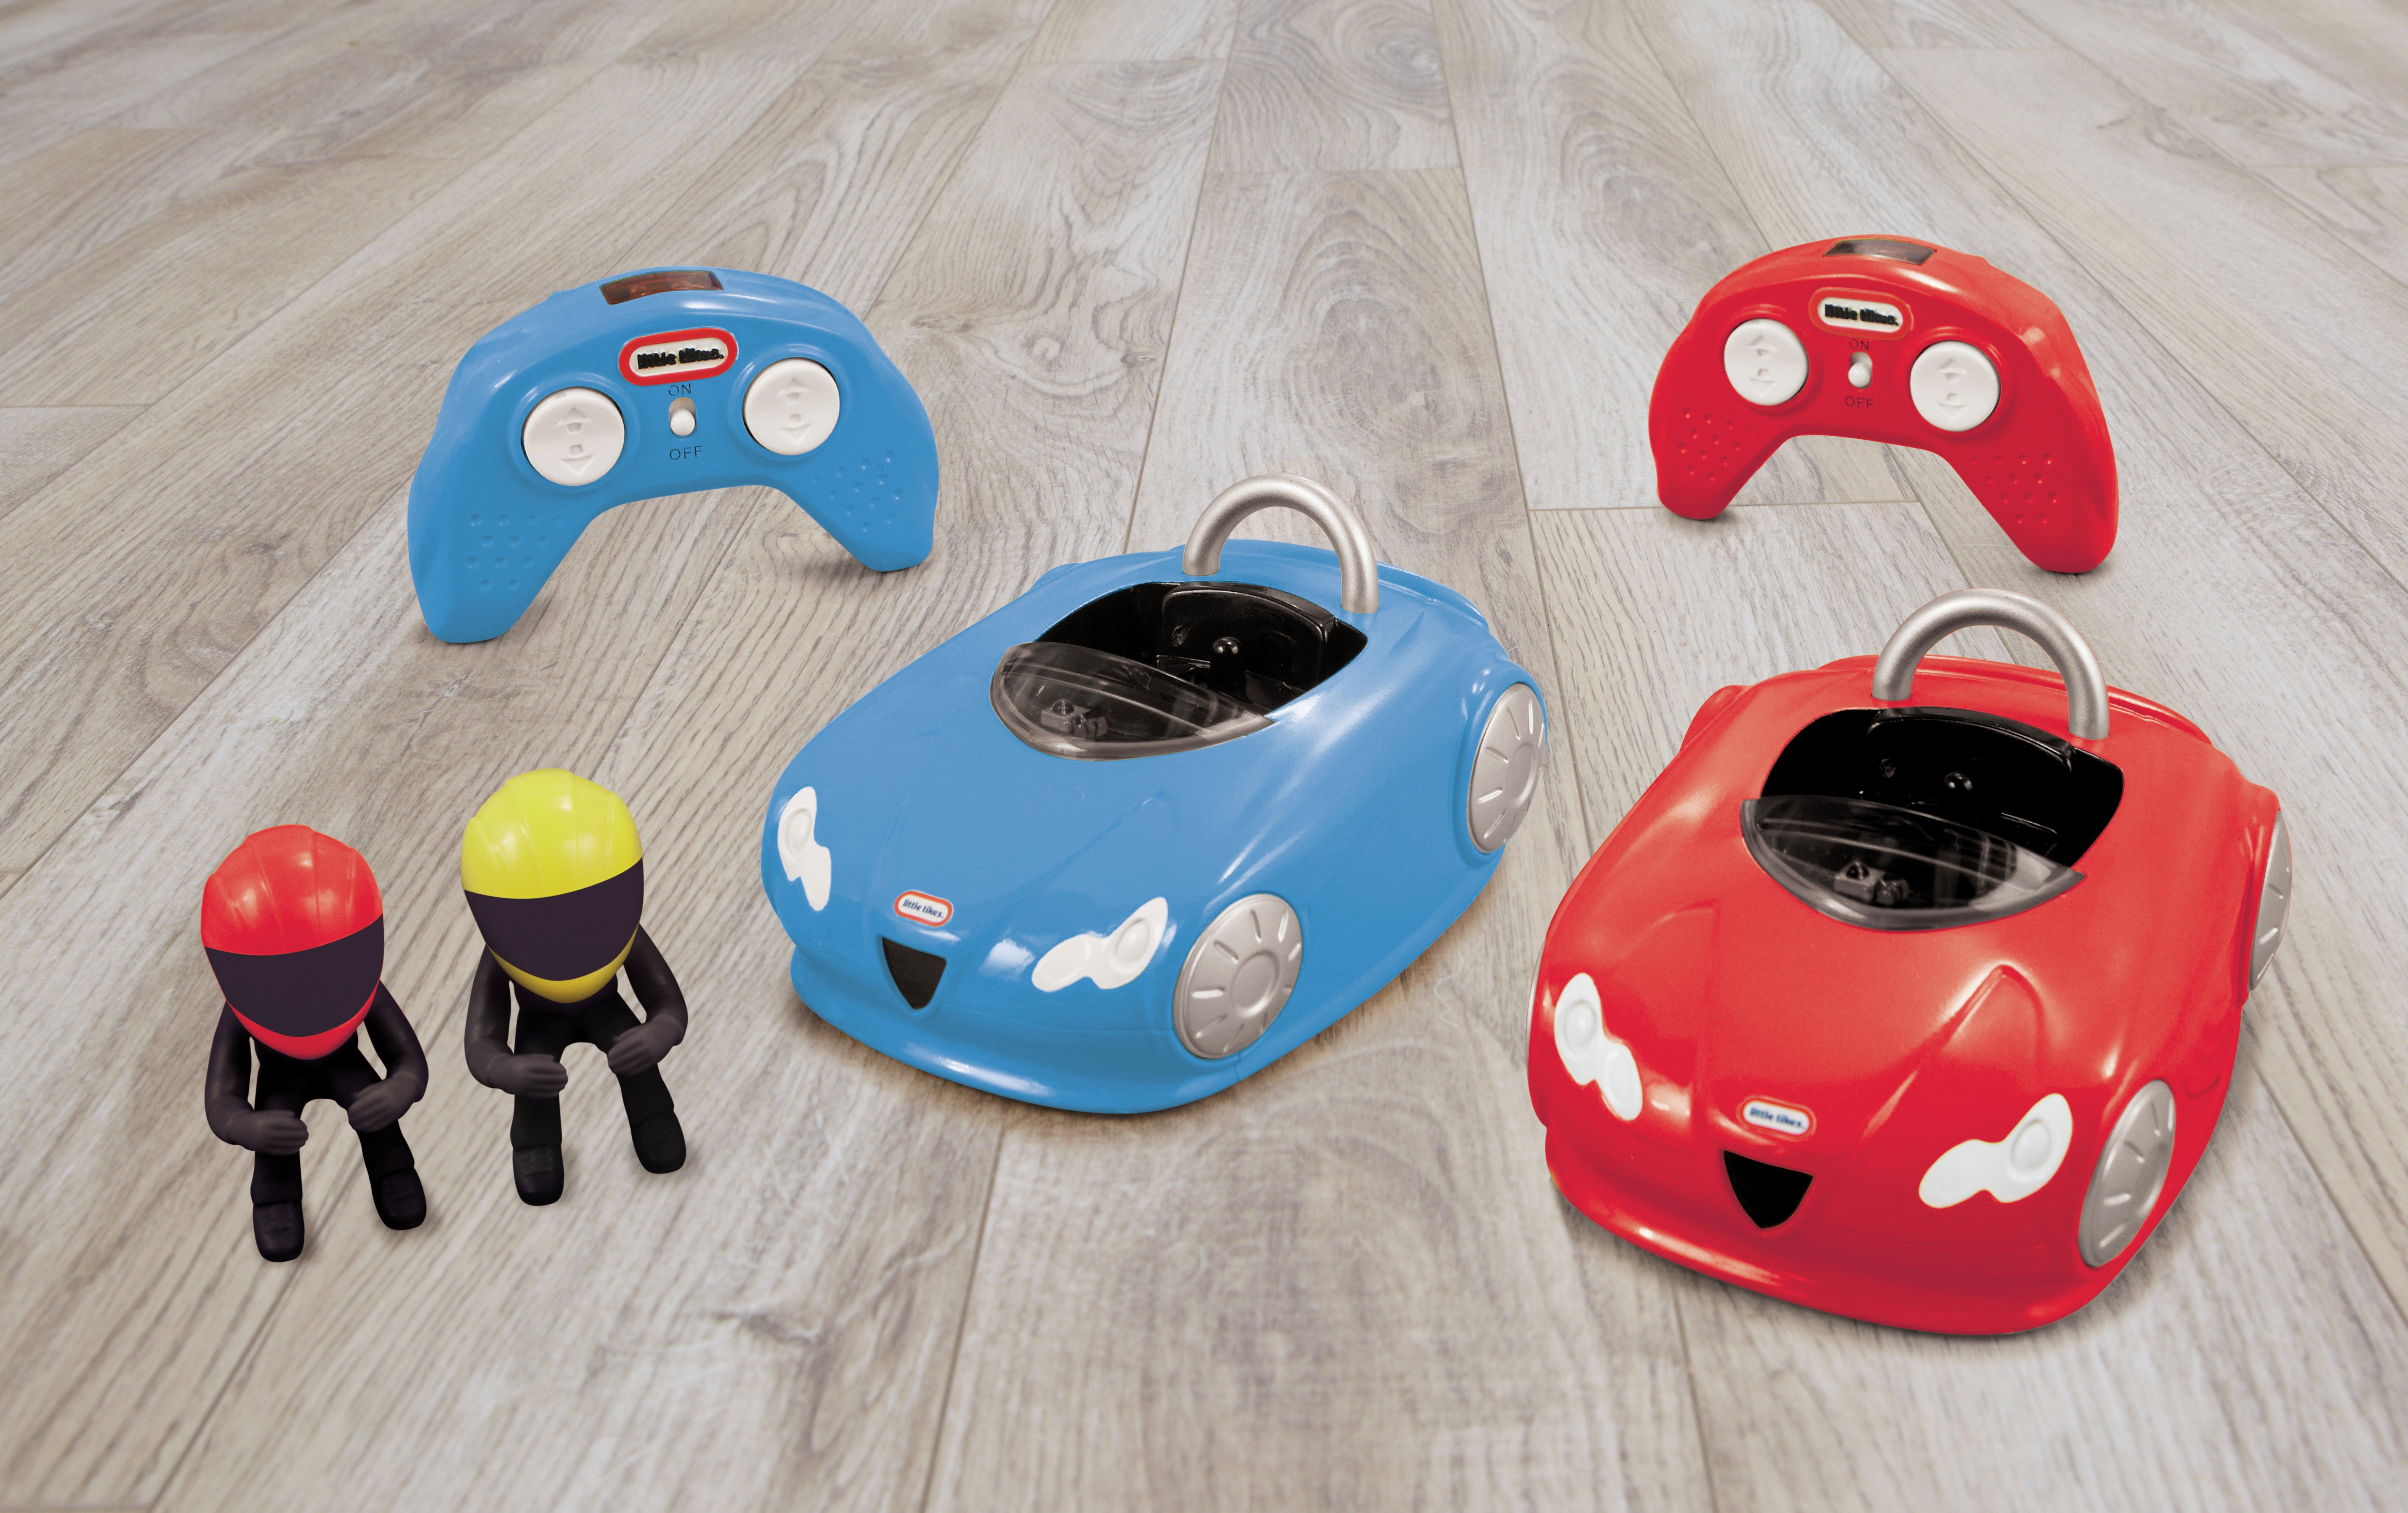 Little Tikes Remote Control Bumper Cars